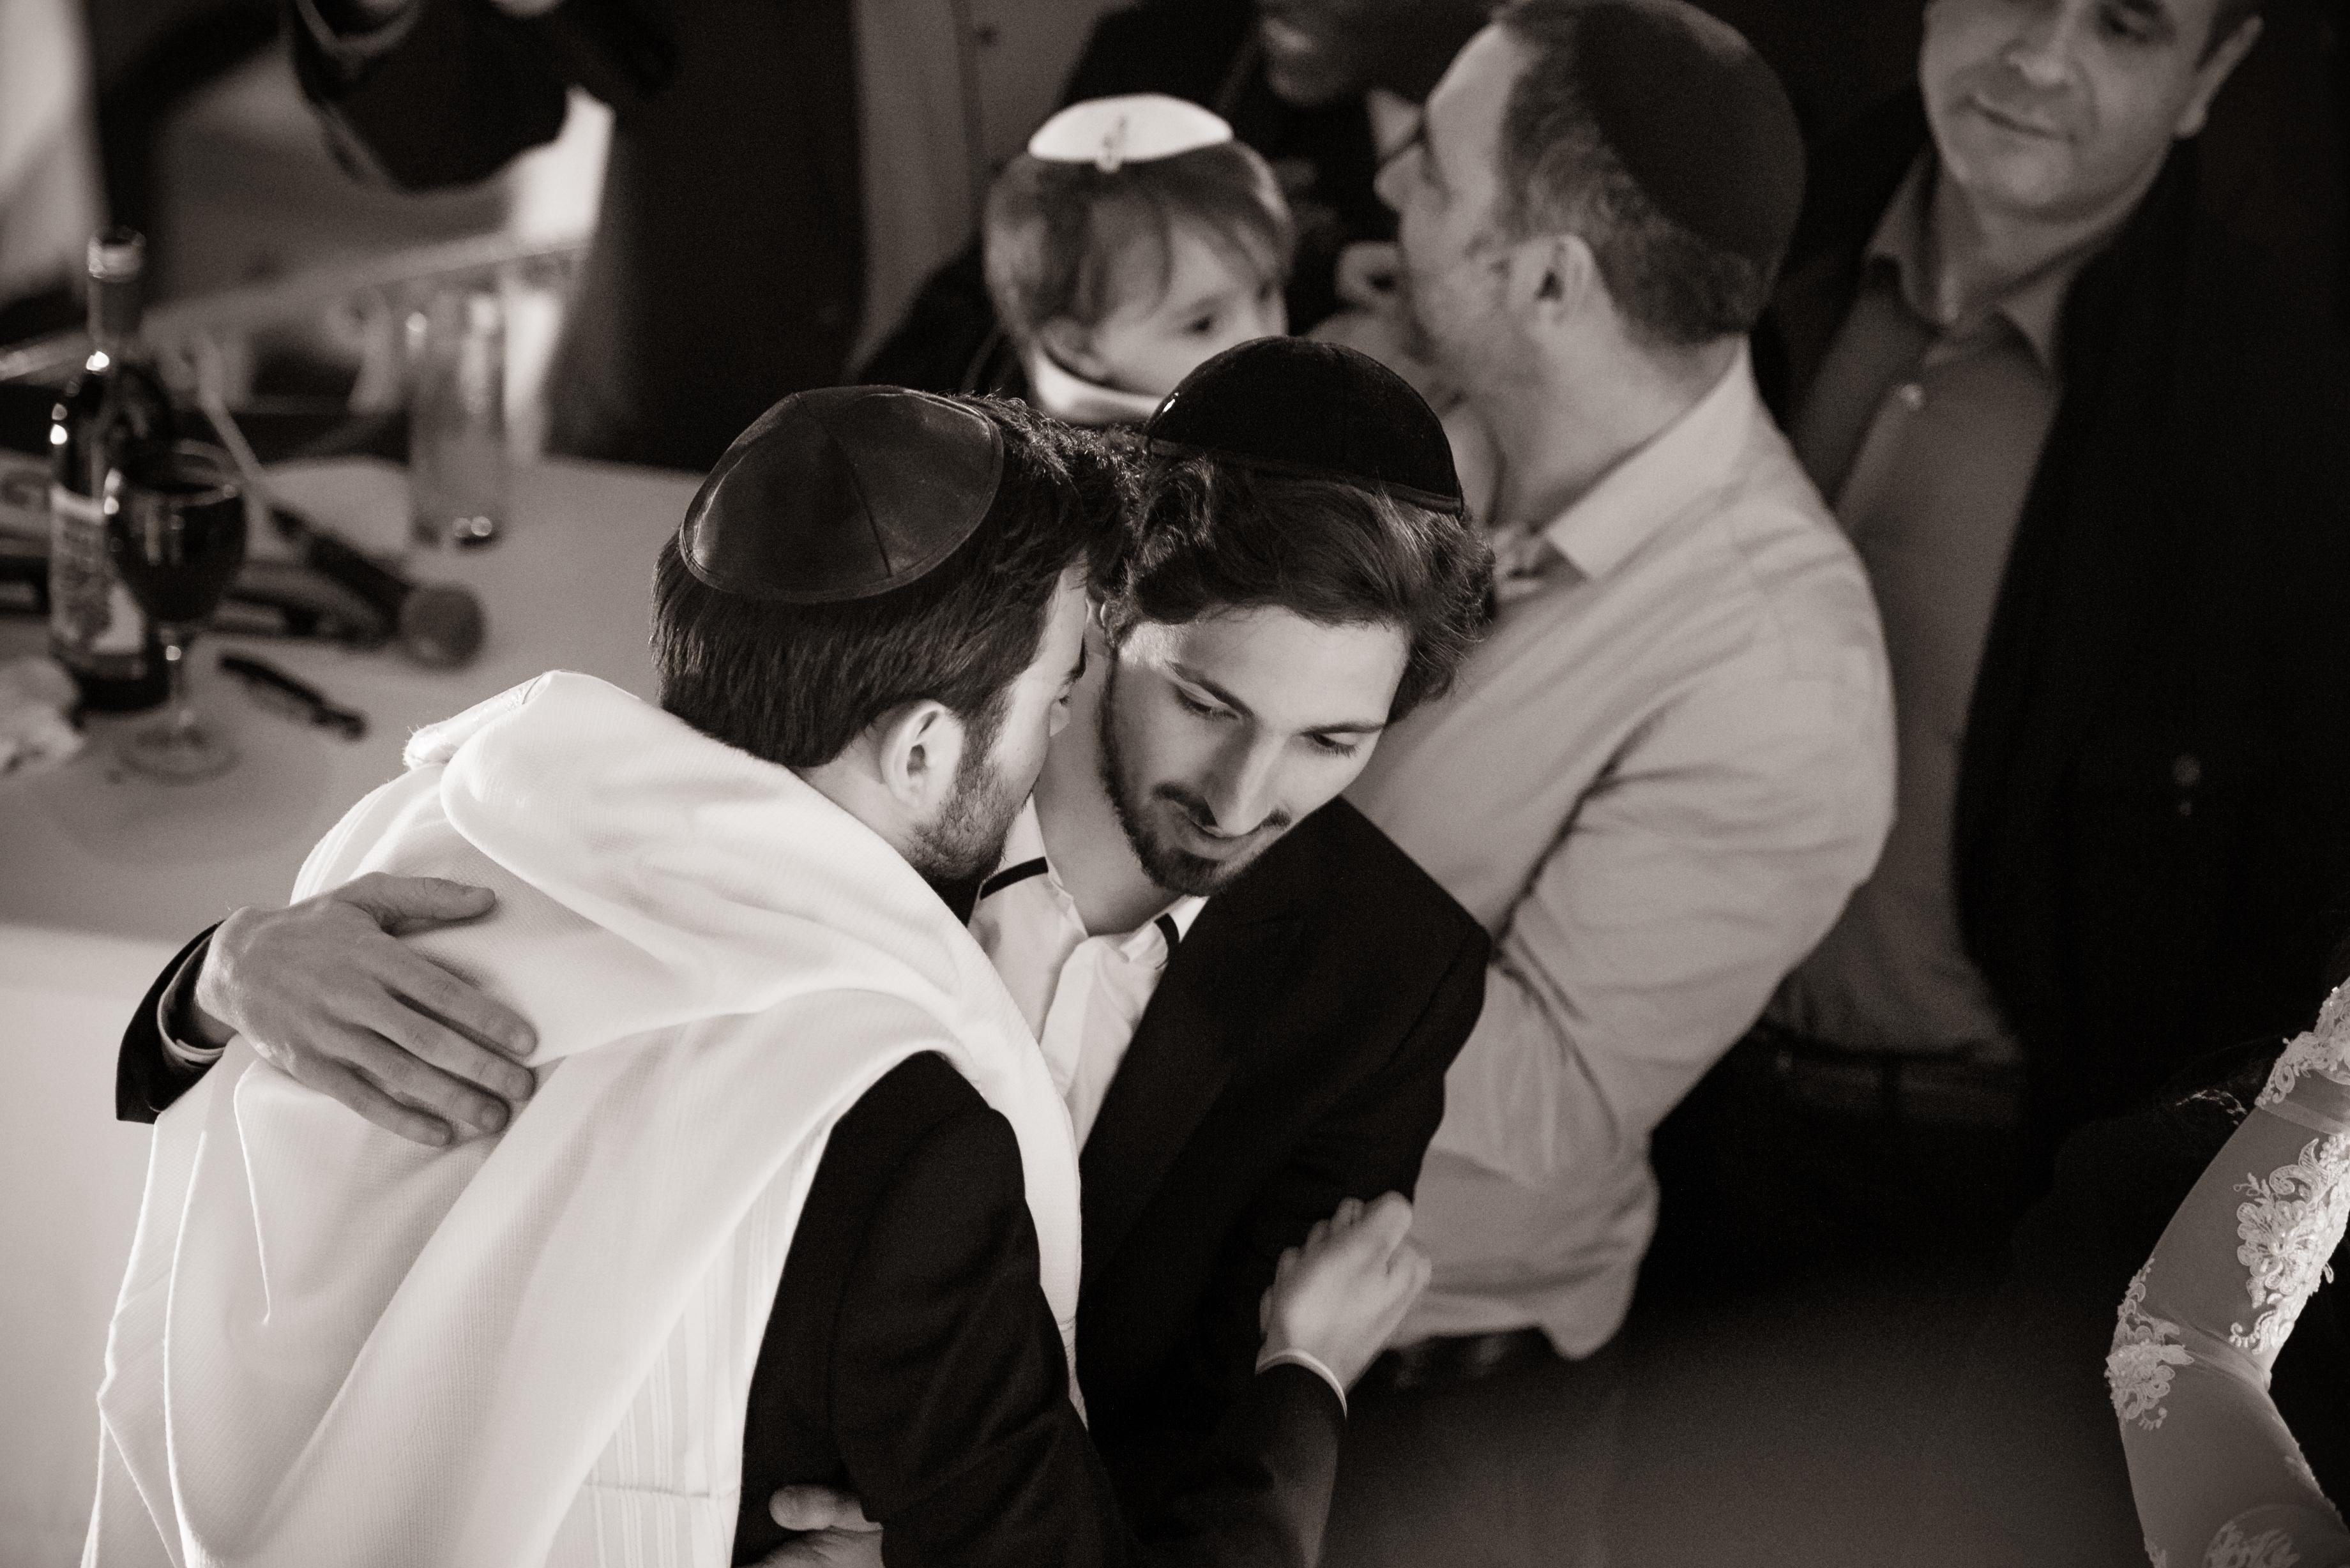 événement en Israël